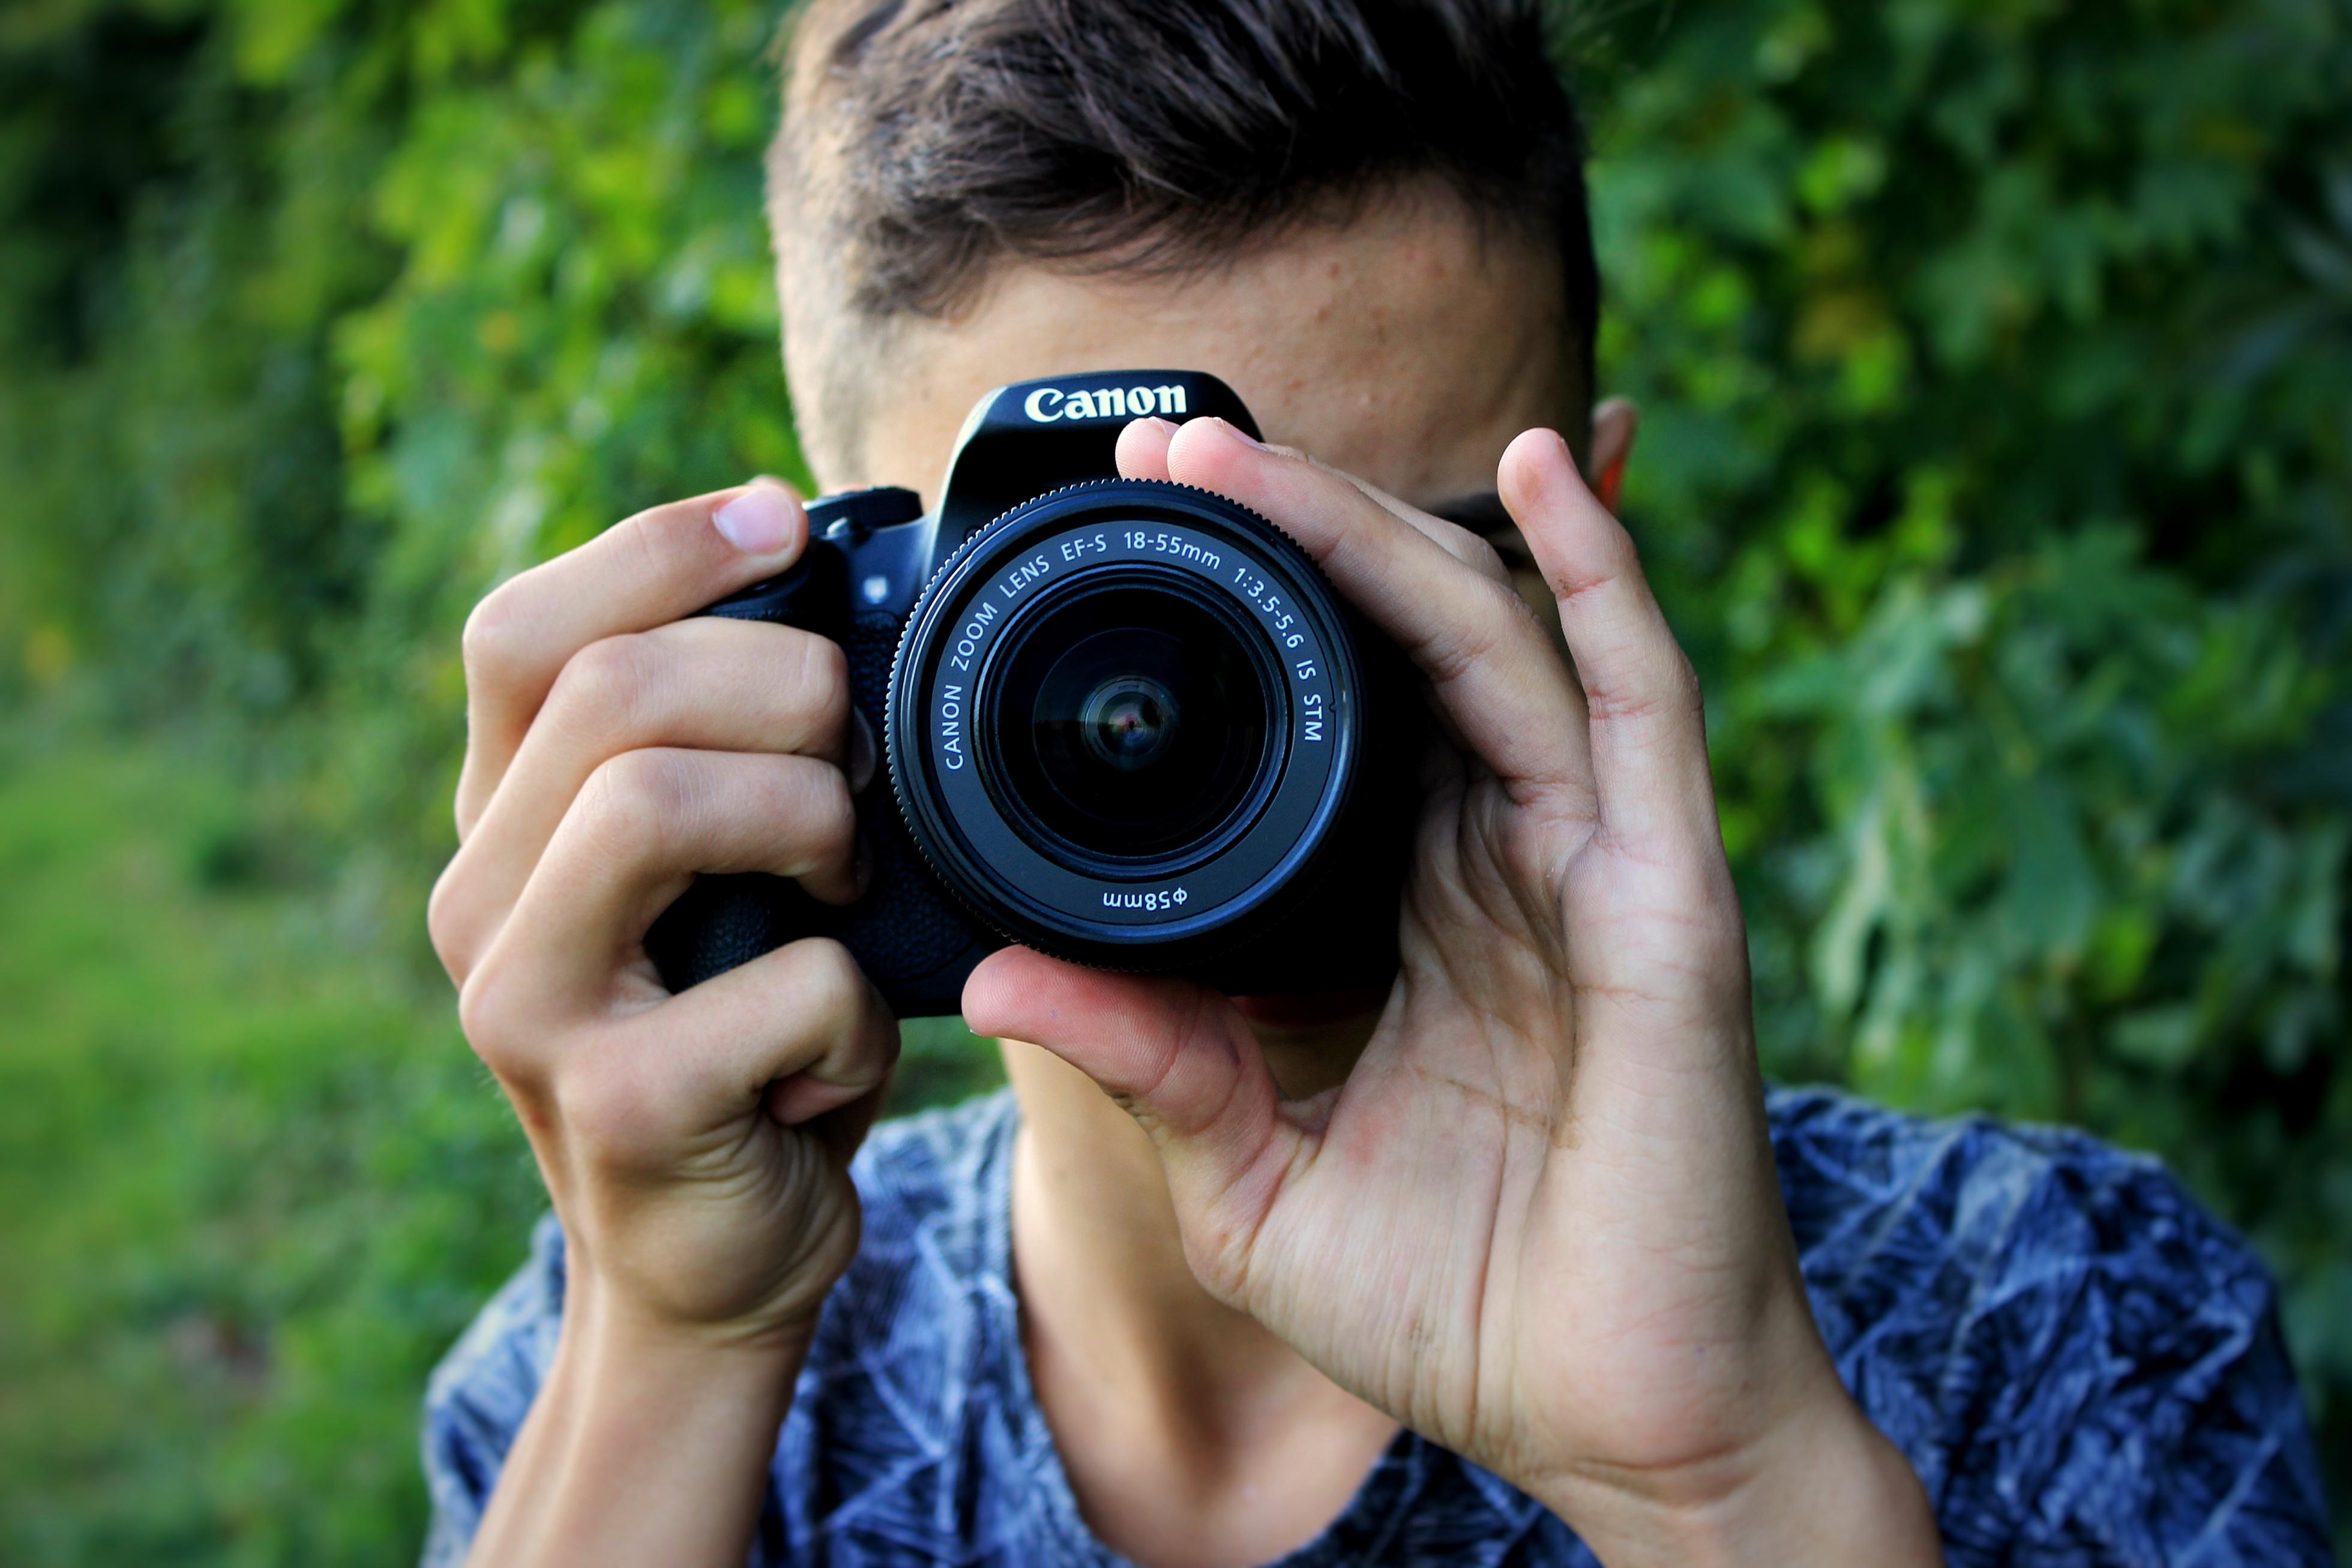 Ремонт фотоаппаратов иркутск шелехов лист